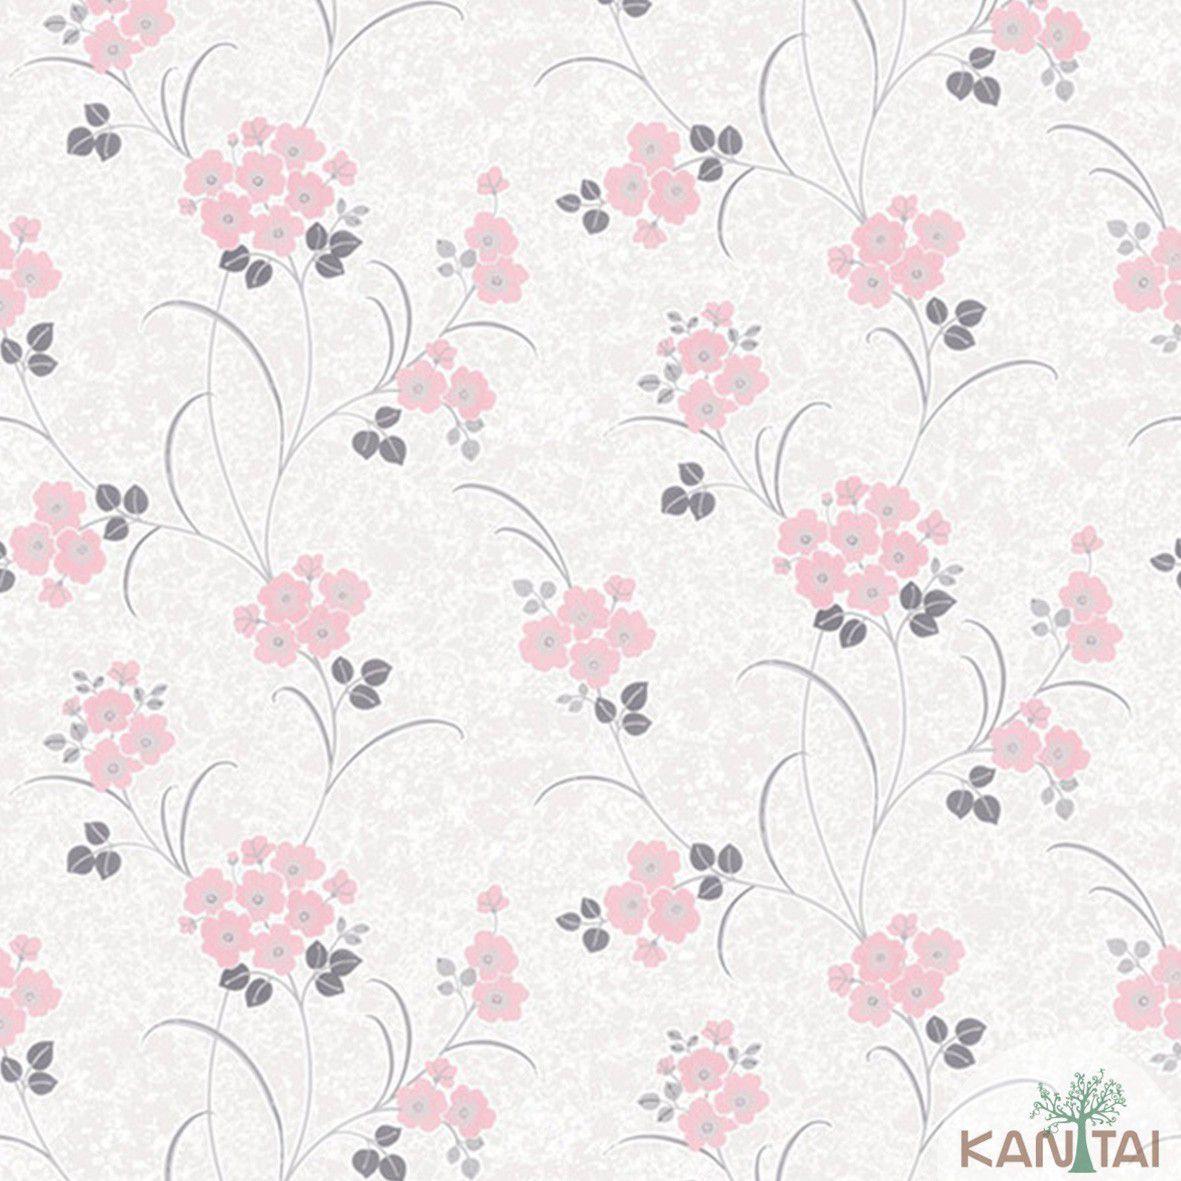 Papel de Parede  Kan Tai Vinilico Coleção Style Floral Marfim, Rosa, Cinza